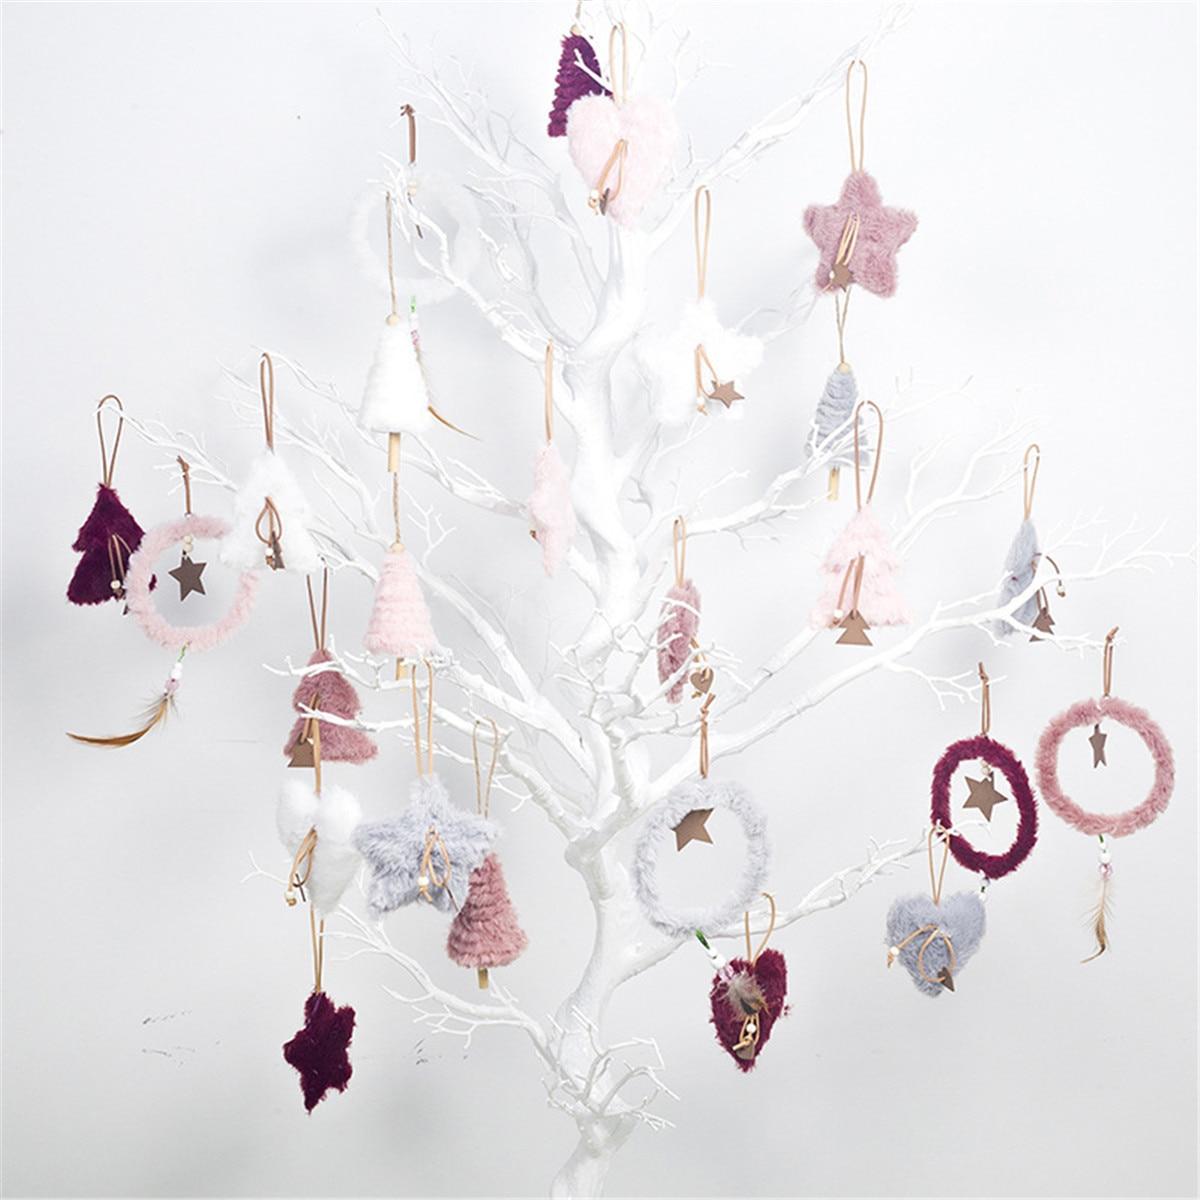 5 uds. Colgante de árbol de Navidad corazón blanco rosa ornamento de plumas decoración de Navidad para la decoración del hogar 40 unids/lote 50mm Bola de lámpara de cristal transparente con agujero, atrapasoles de ventana adornos de Navidad colgantes, bola de cristal facetada